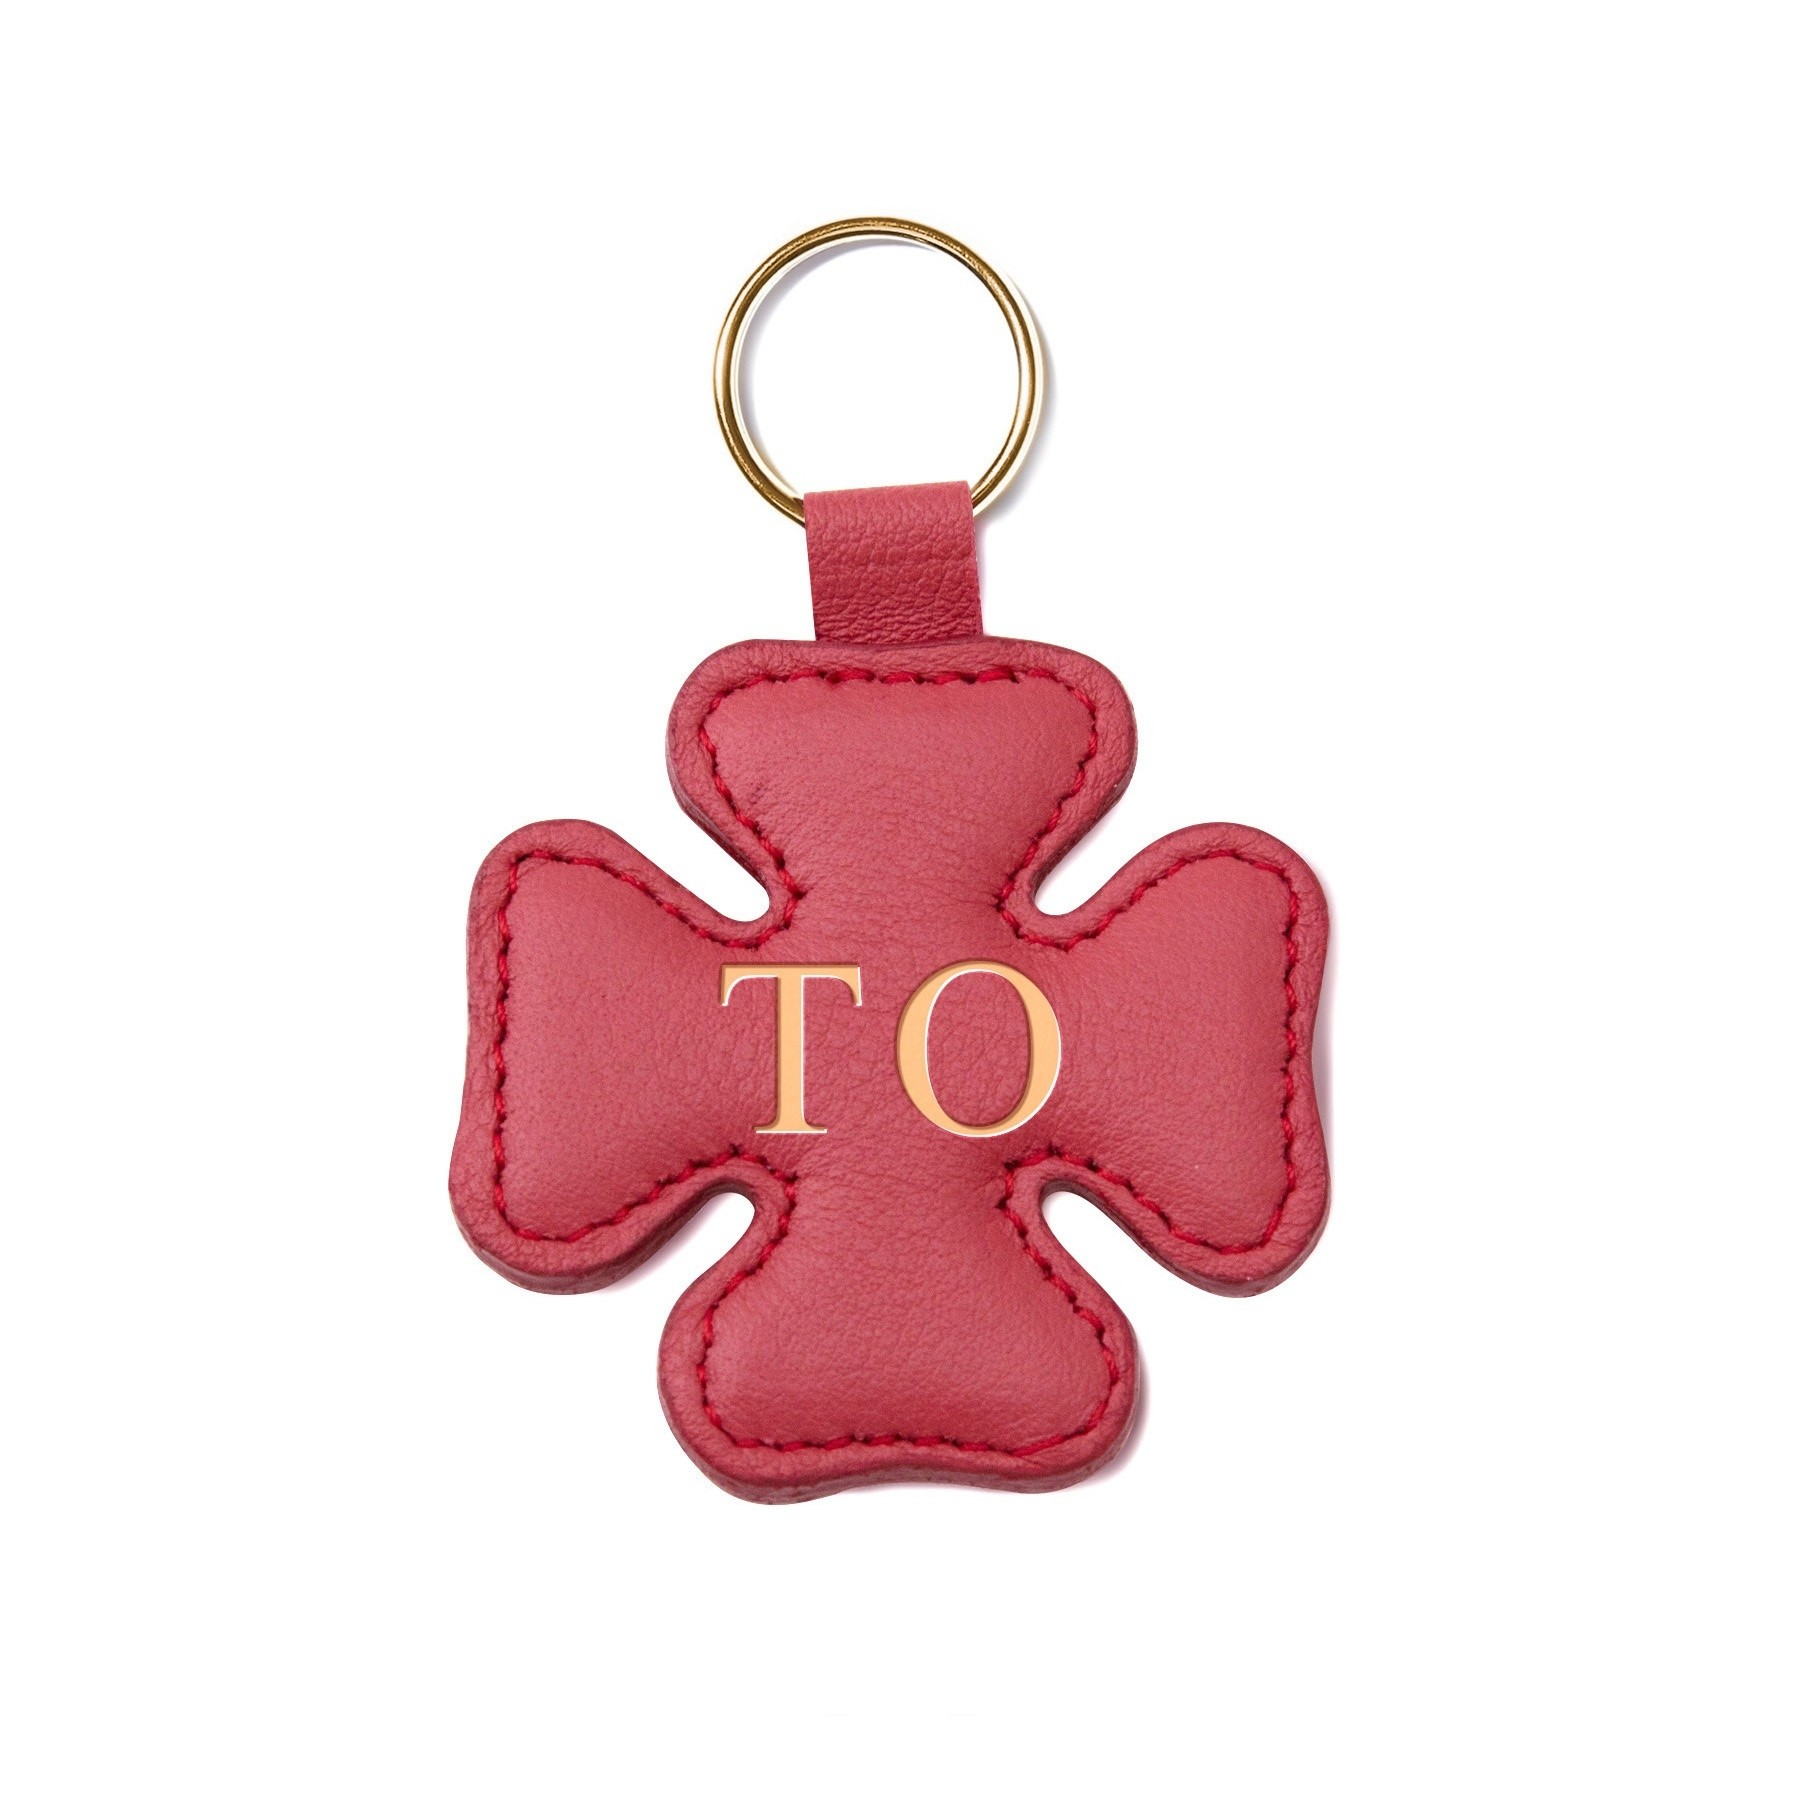 Porte-clé personnalisé en forme de trèfle, rouge, anneau couleur or